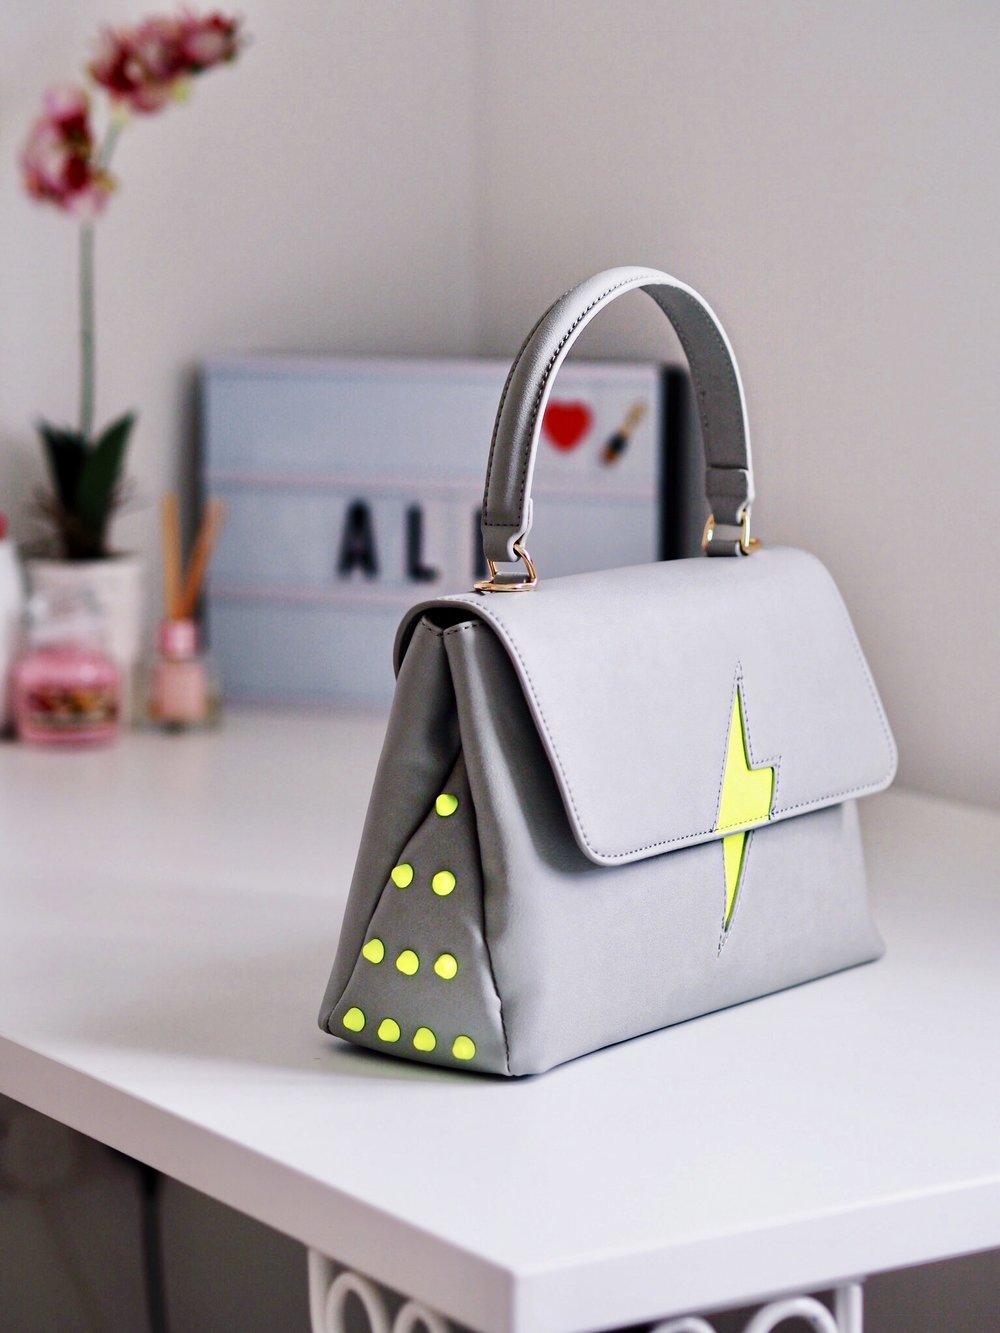 pauls boutique bag blogger review